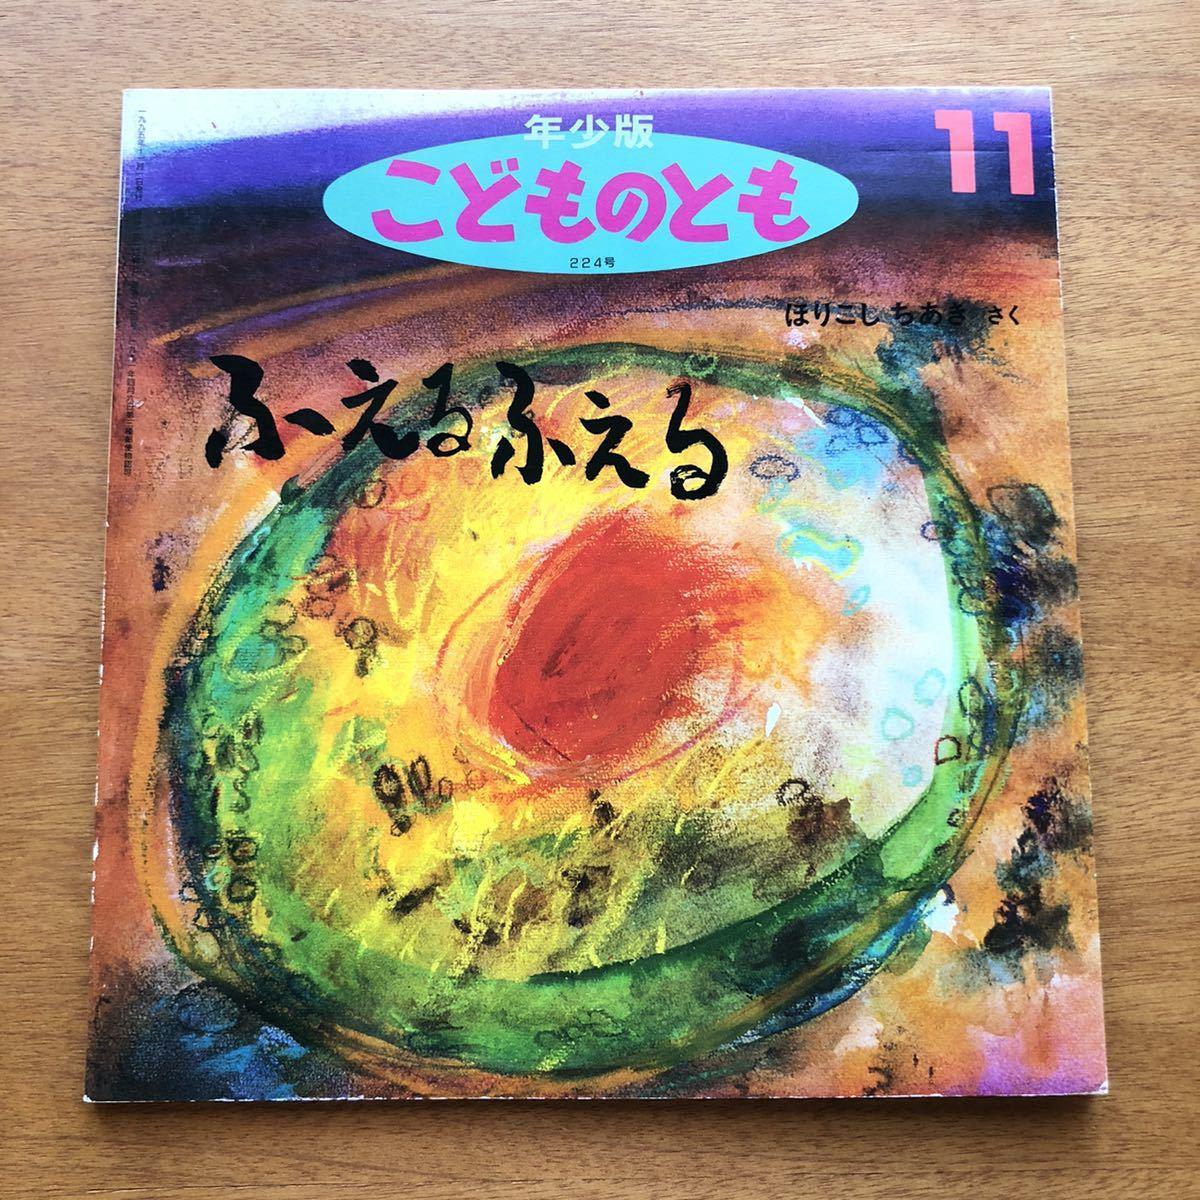 年少版こどものとも ふえるふえる ほりこしちあき  堀越千秋  1995年 初版 絶版 古い 絵本